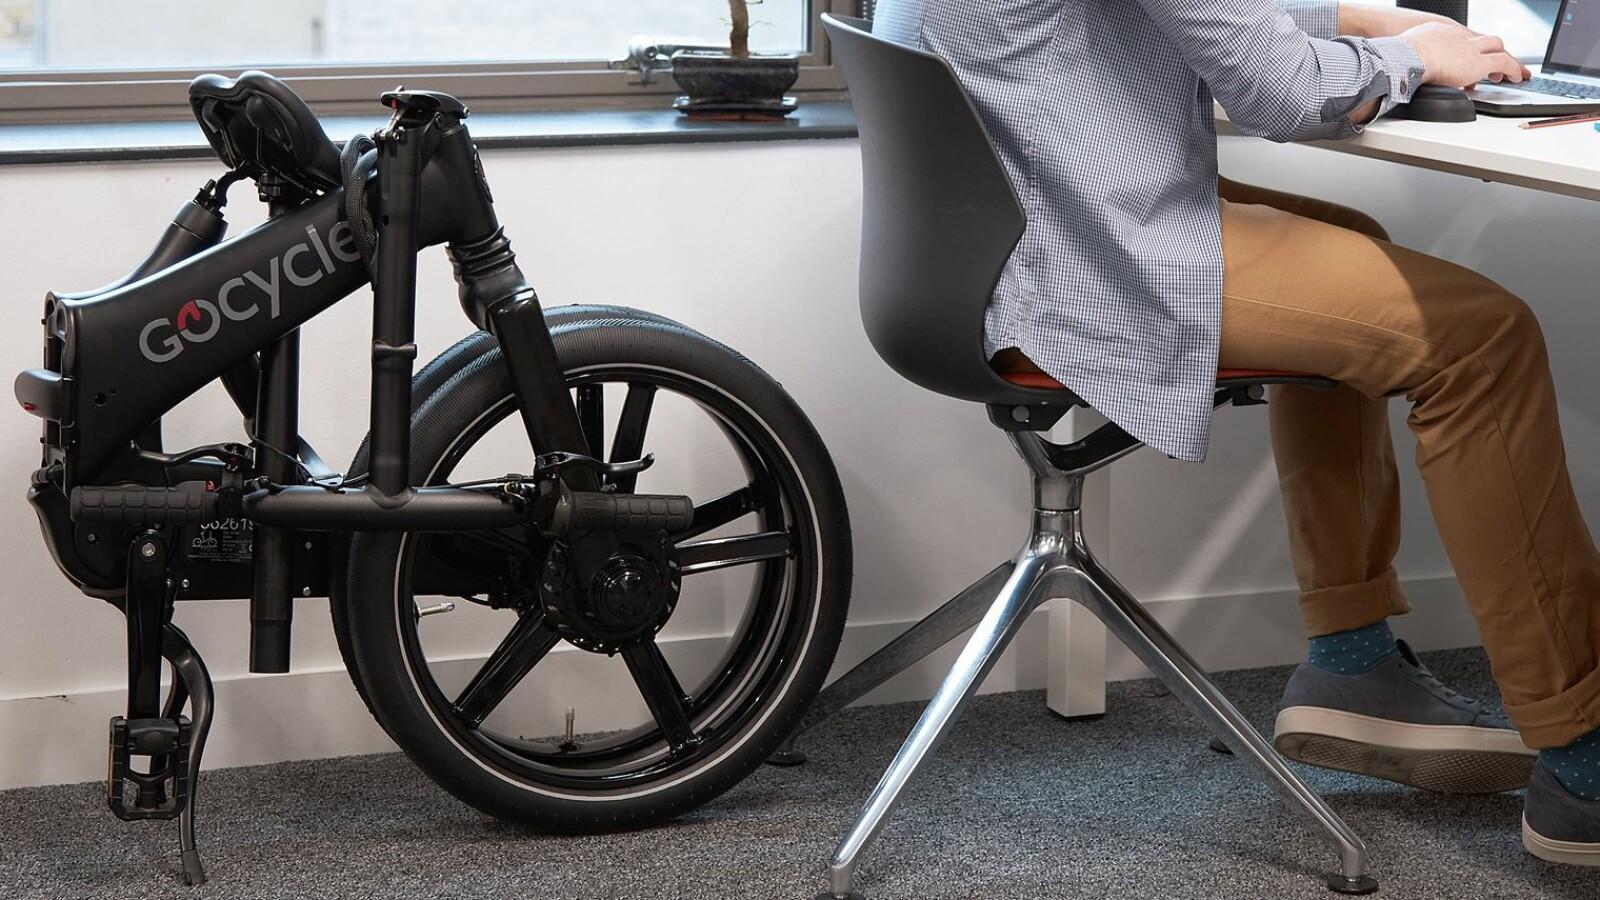 e bike klapprad im test das schicke gocycle gx ist richtig erwachsen netzwelt. Black Bedroom Furniture Sets. Home Design Ideas